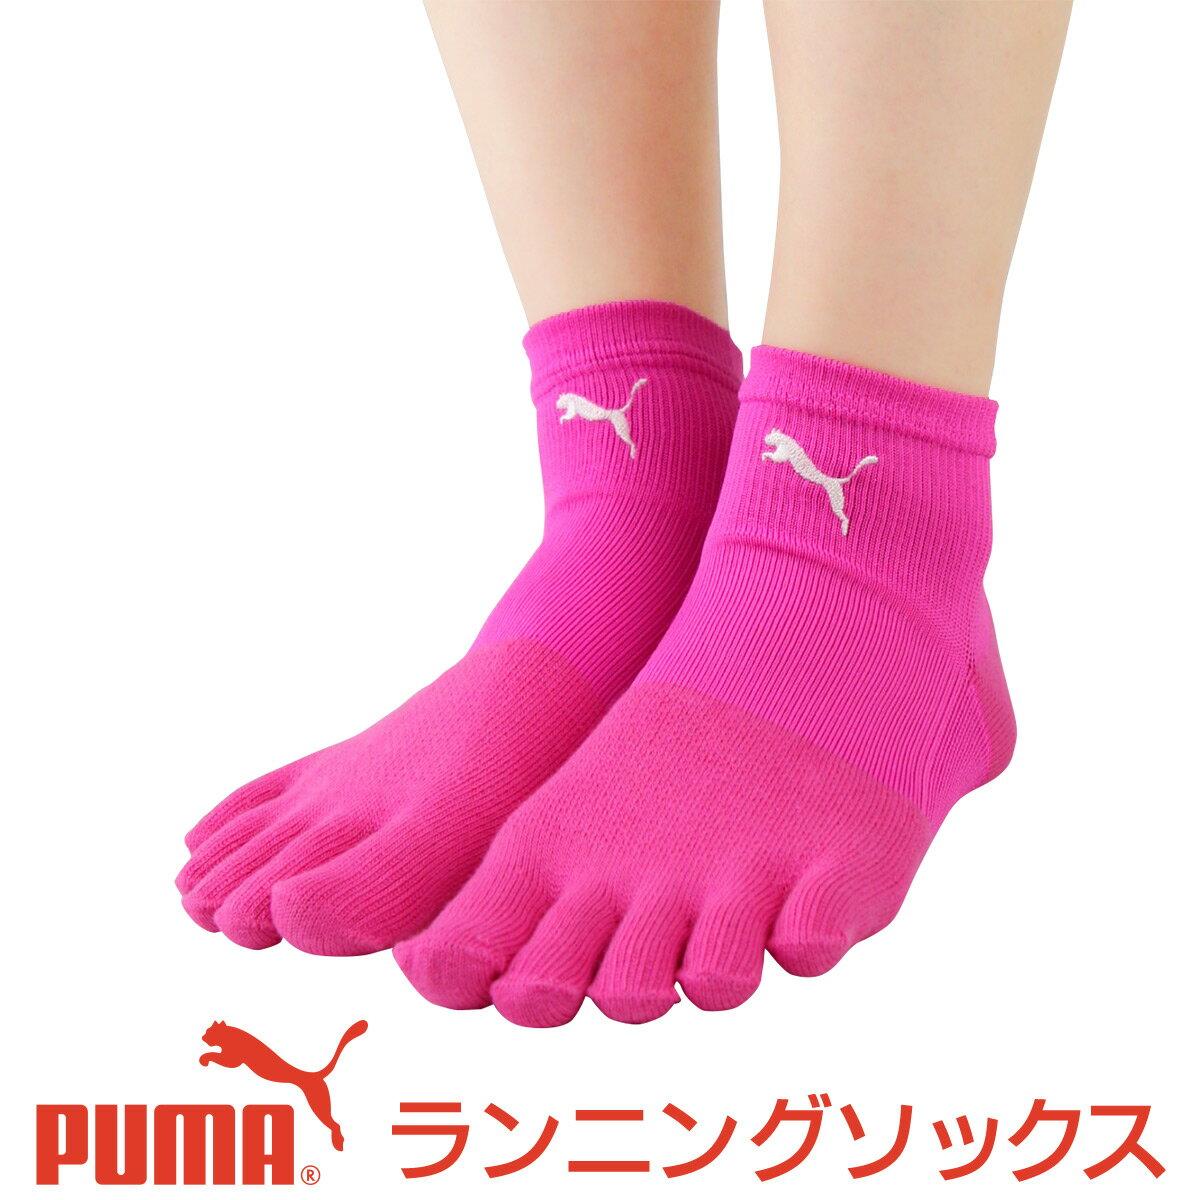 セール!30%OFFPUMA ( プーマ ) レディス 靴下 足底滑り止め付き アーチフィットサポート 5本指 マラソン ランニング ソックス 3562-204ポイント10倍